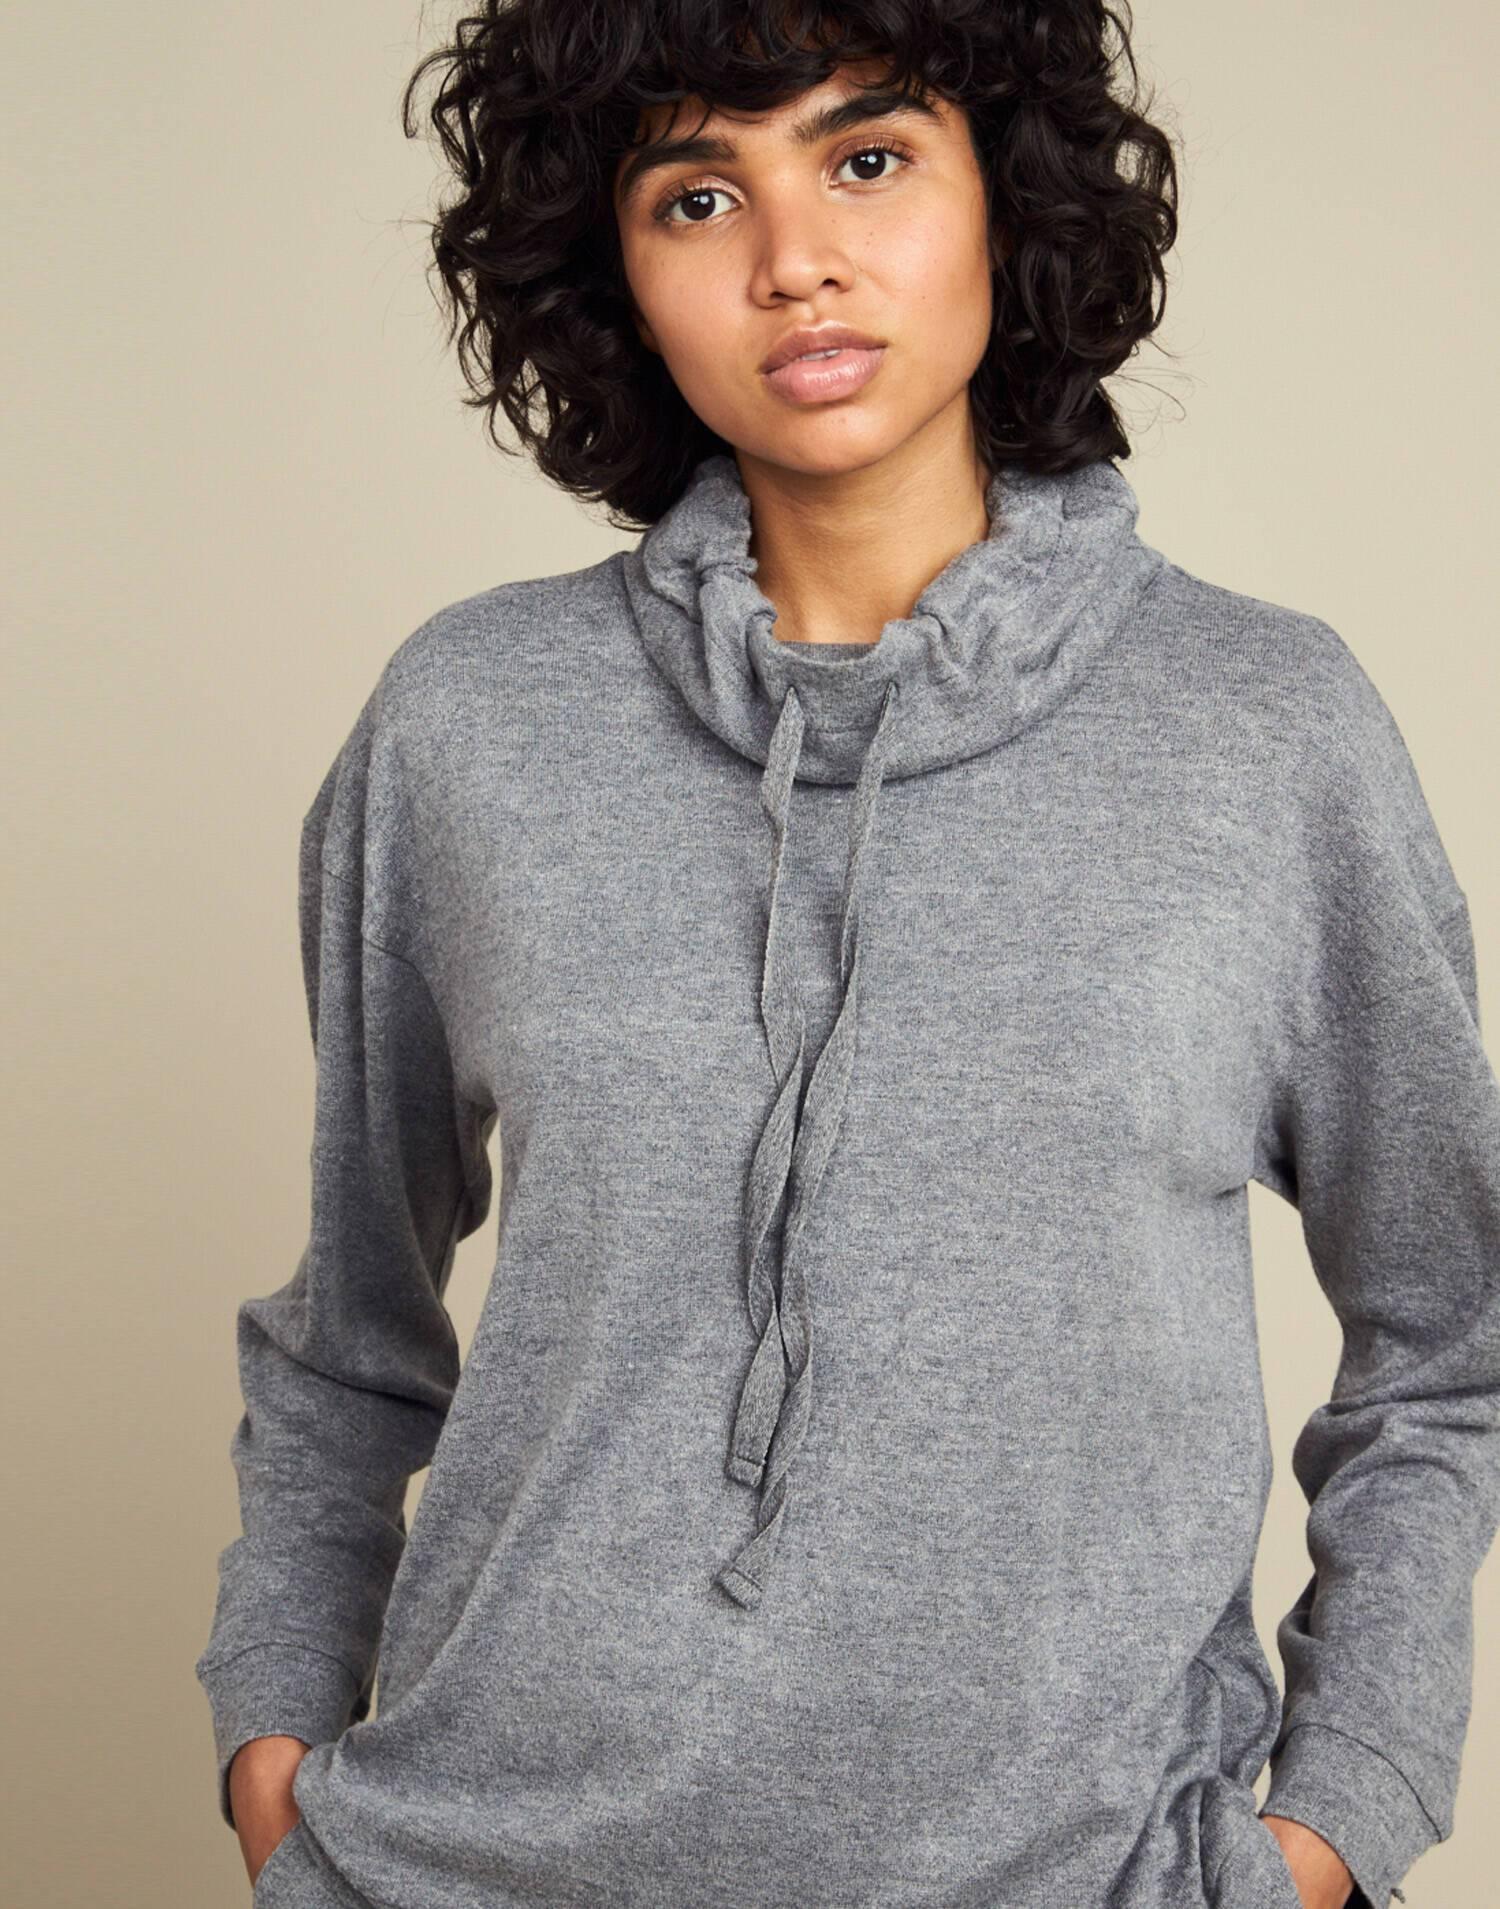 High neck sweatshirt